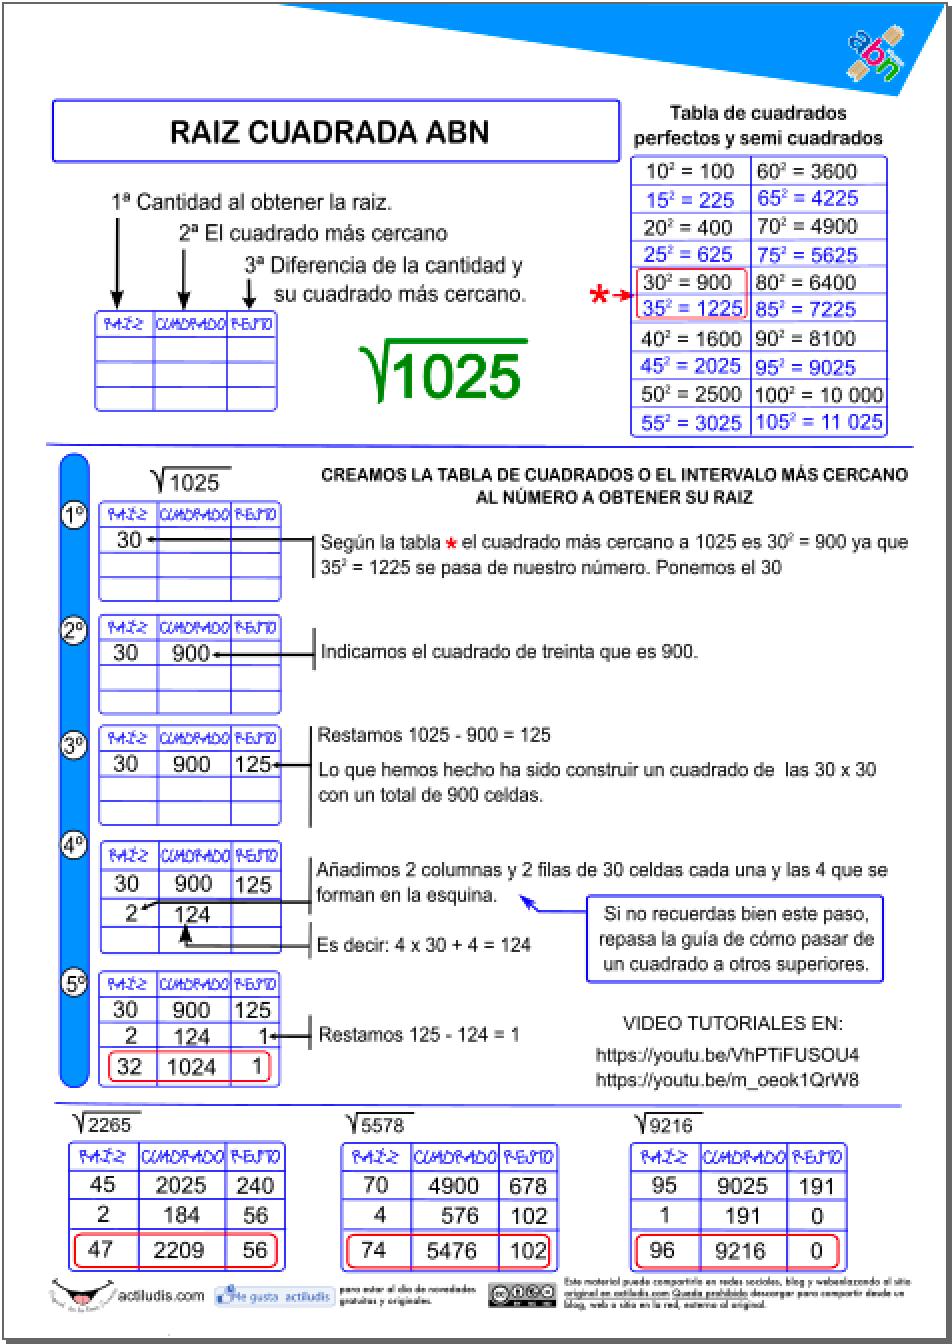 9d05148e3 Guía breve para el cálculo de la raíz cuadrada ABN - Actiludis Material  Didactico Matematicas